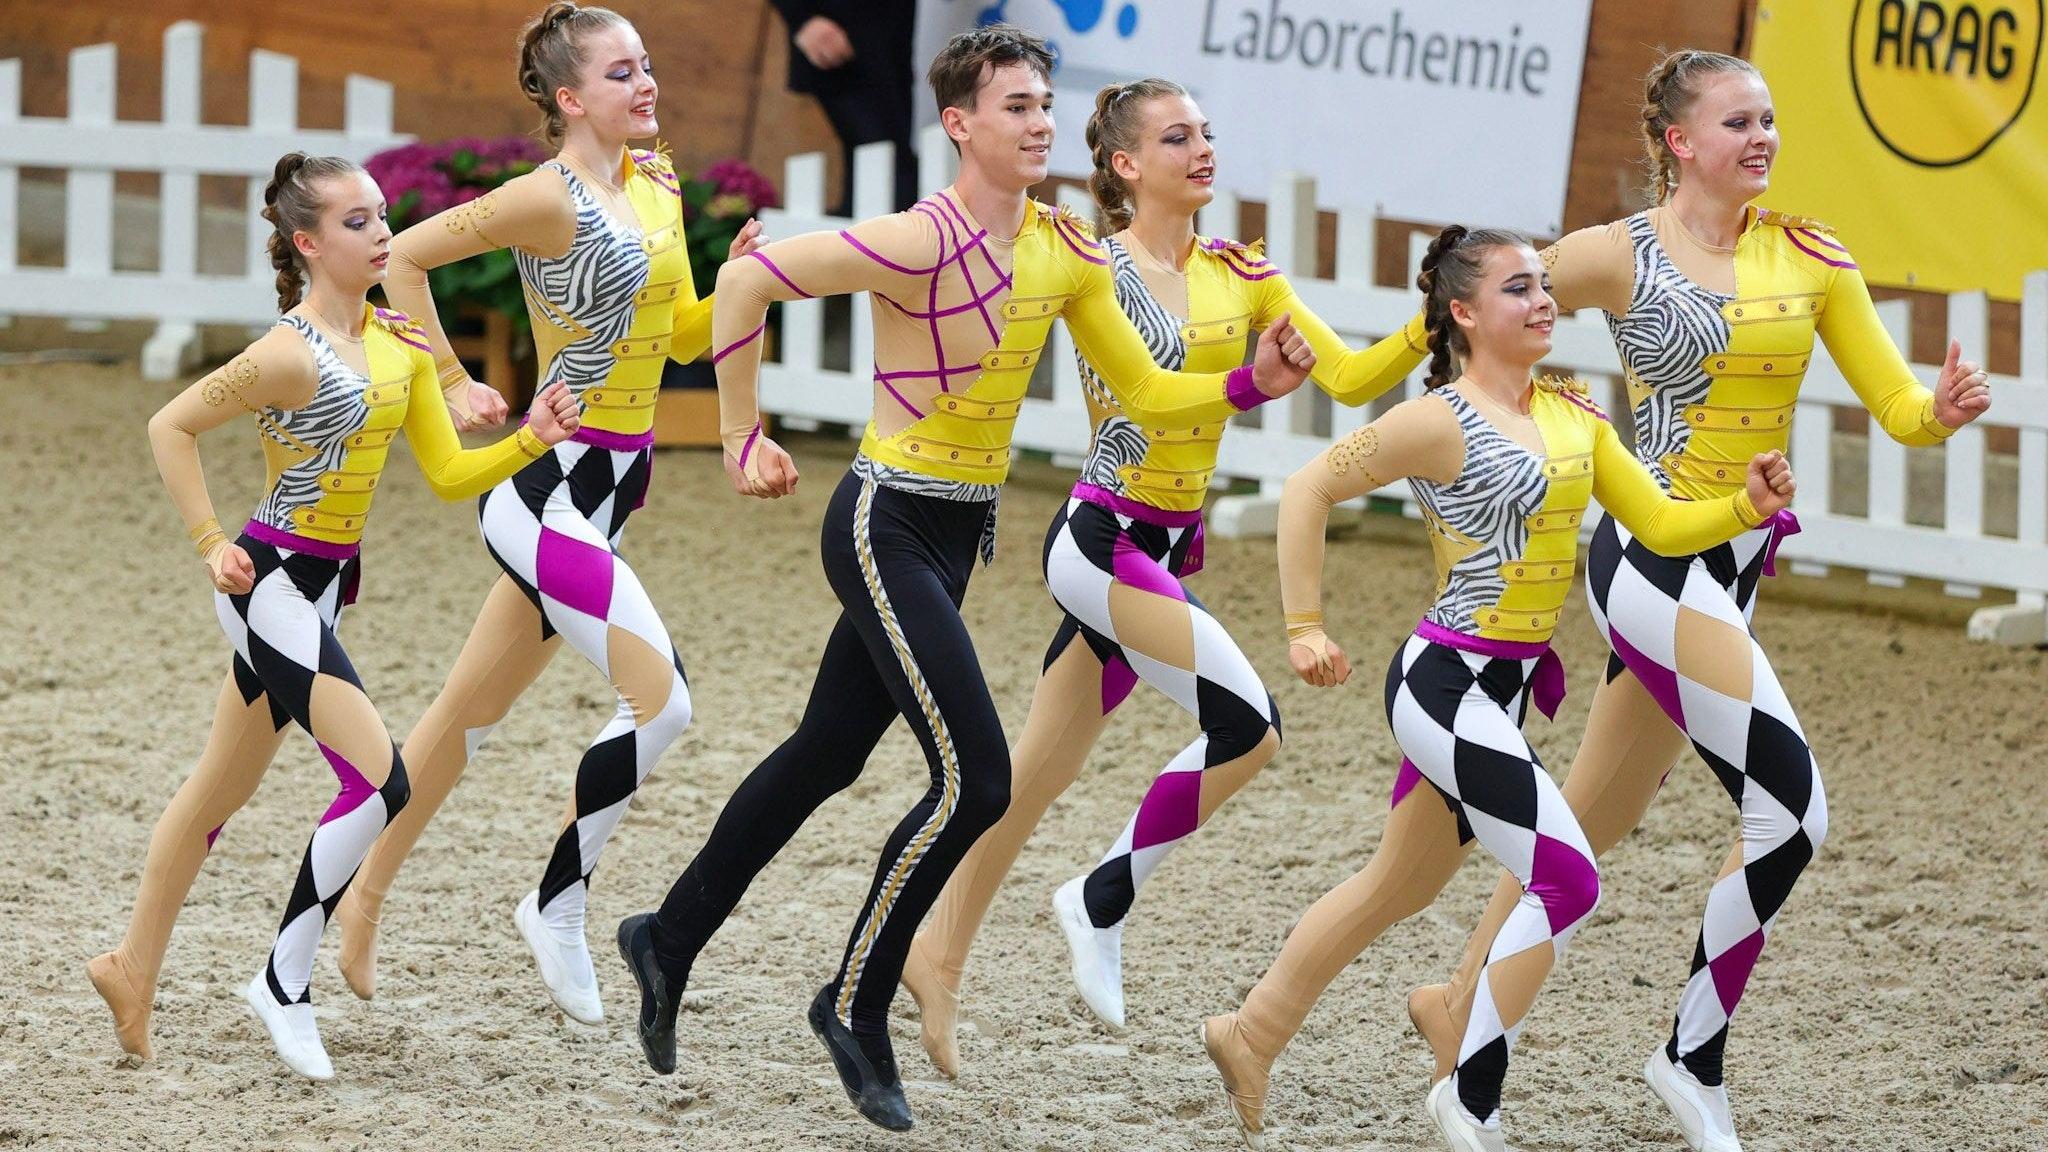 Auf zum Titel: Das Juniorteam der RuF Oldenburg wurde deutscher Meister. Foto: Julian Spilker